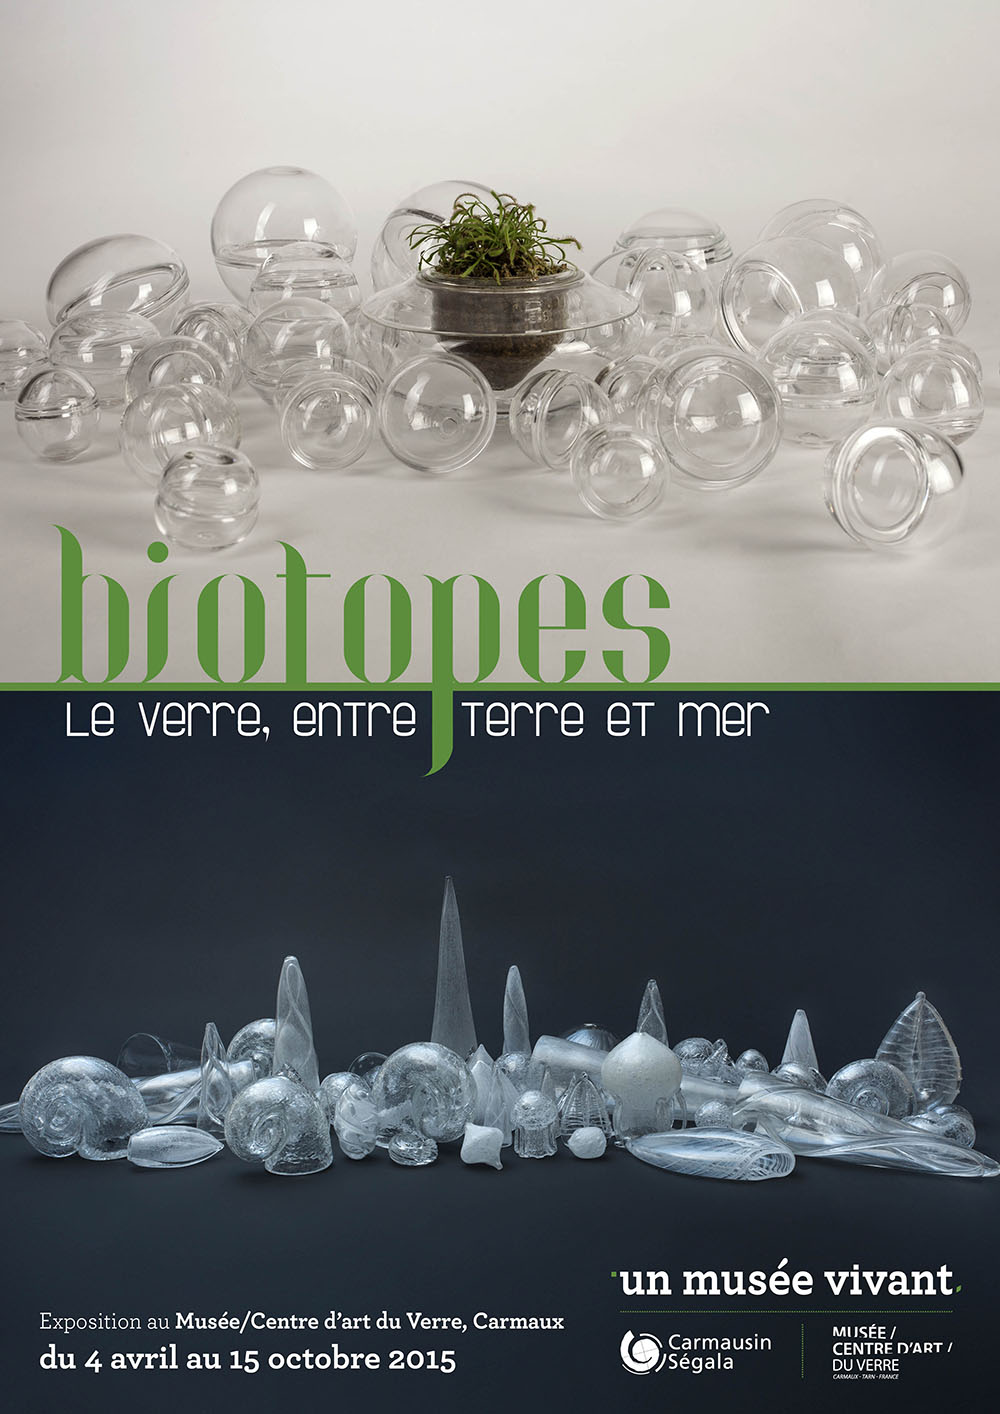 Affiche de exposition Biotopes - Musée/centre d'art du verre